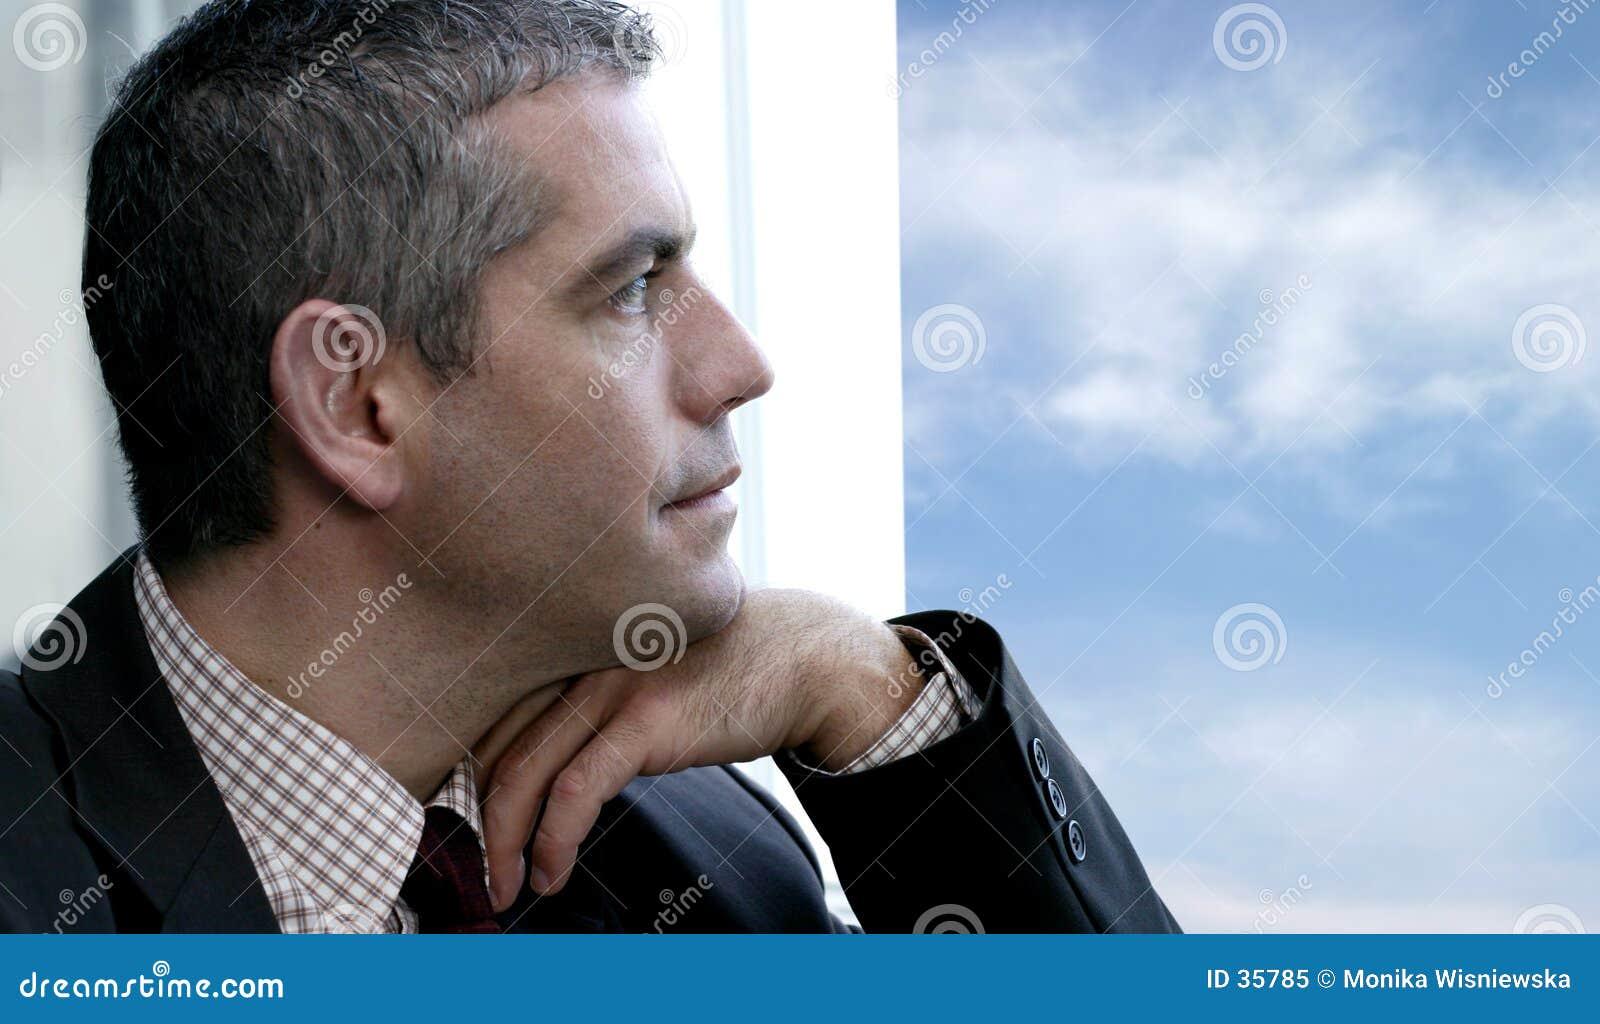 смотреть окно человека вне